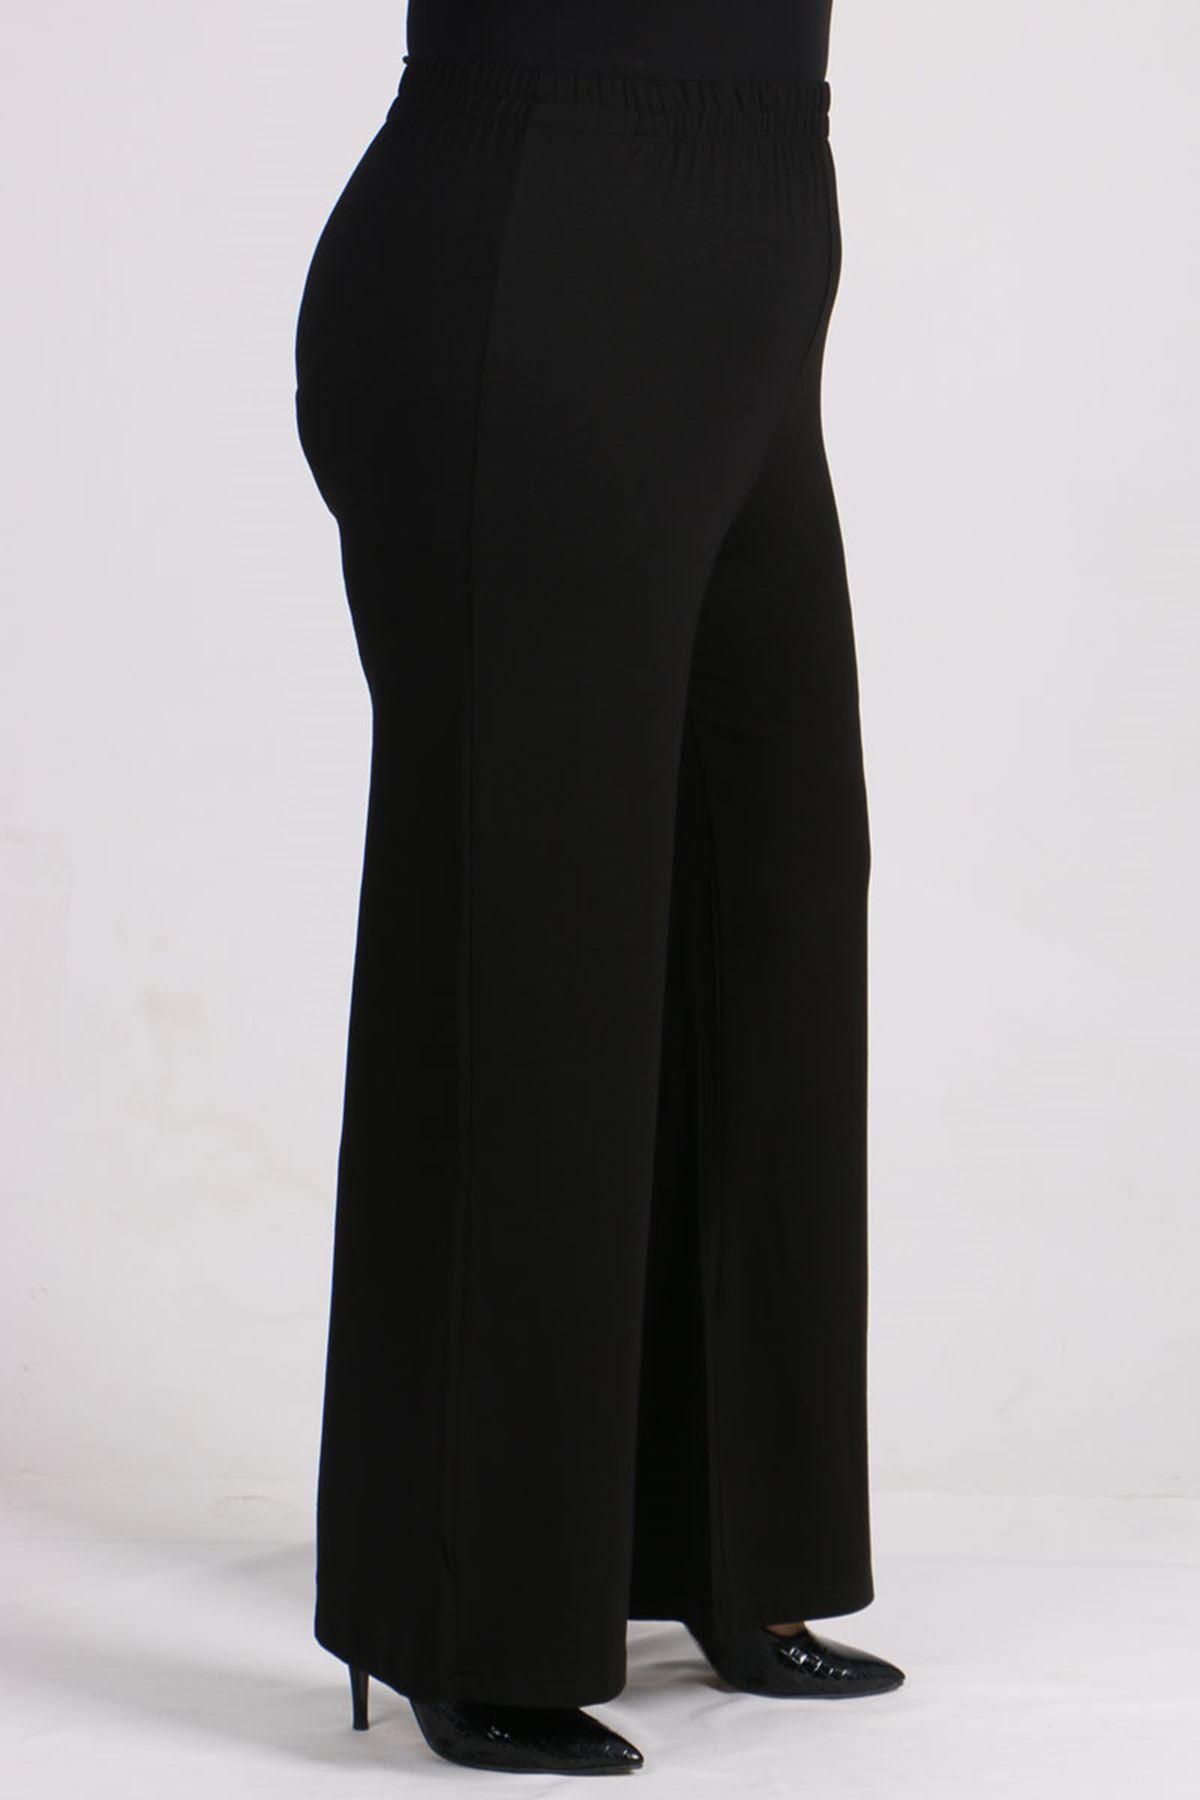 7526 Büyük Beden Penye Pantolonlu Takım-Siyah